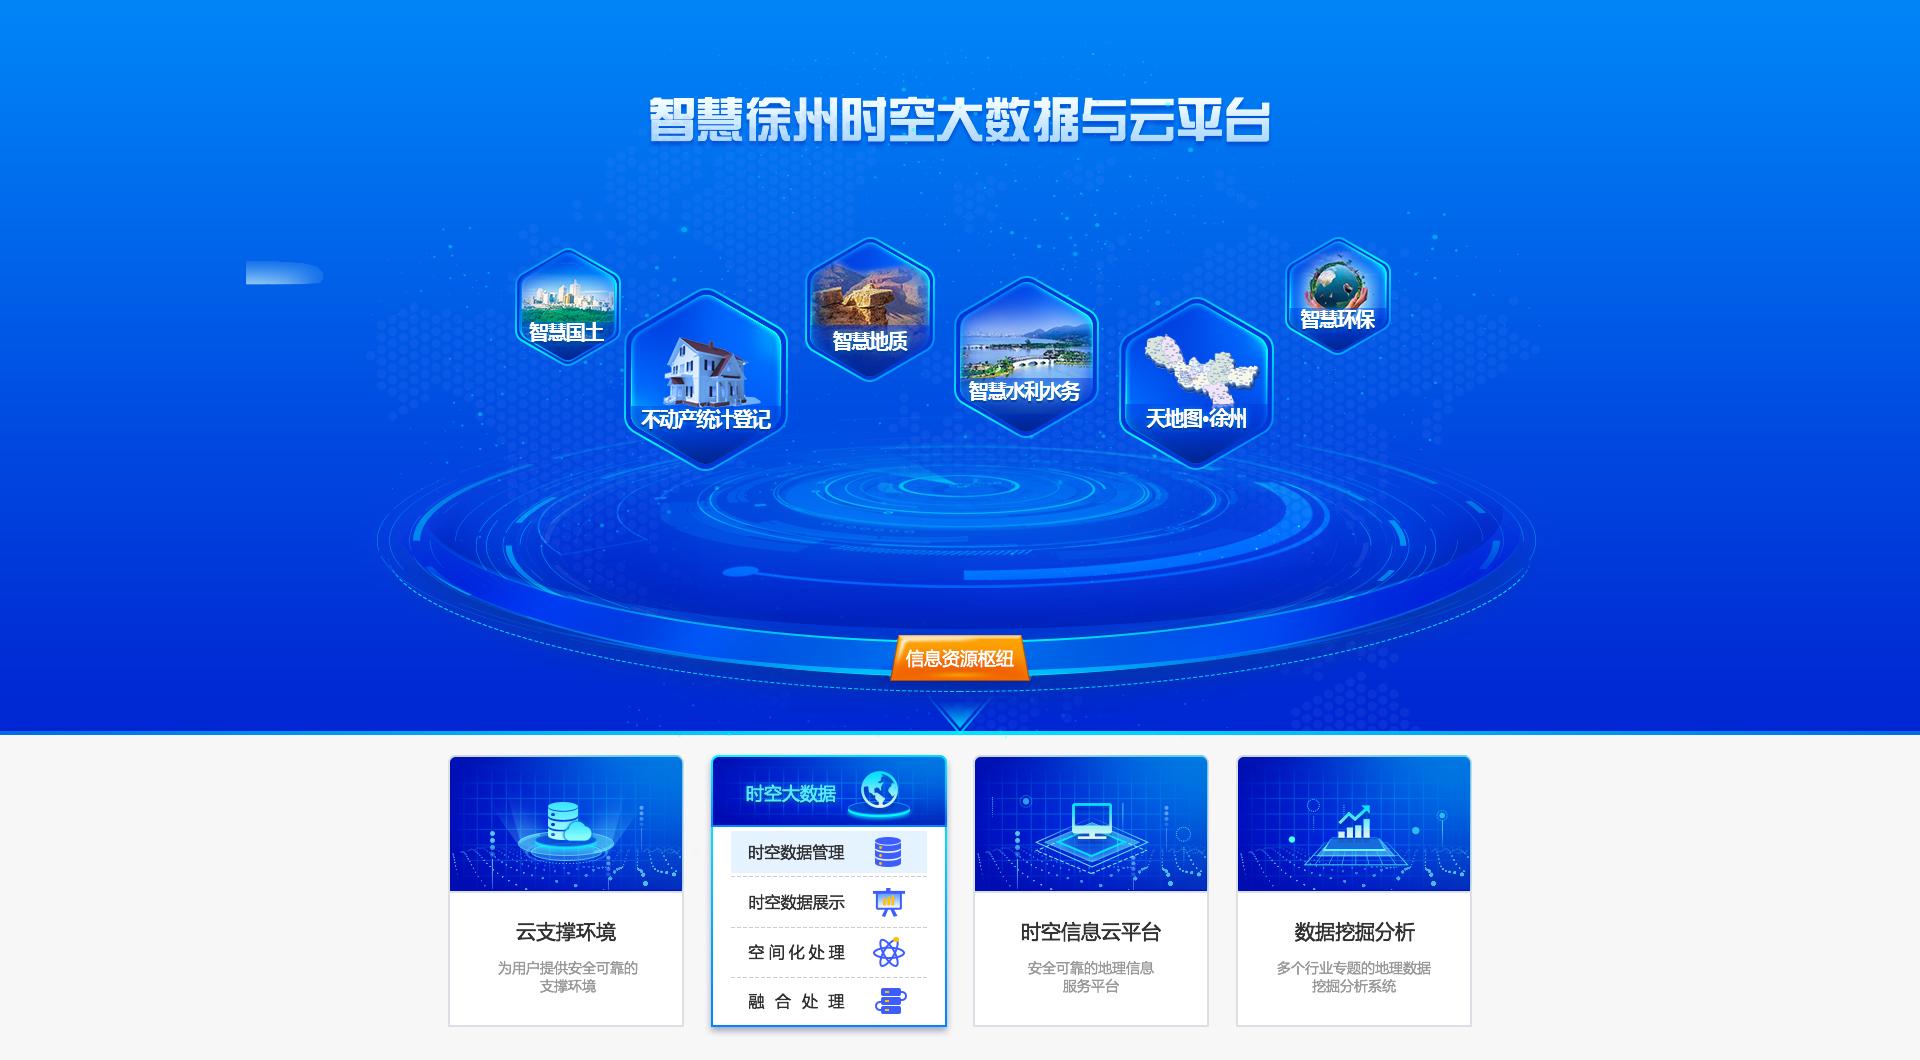 智慧徐州時空信息雲平台01